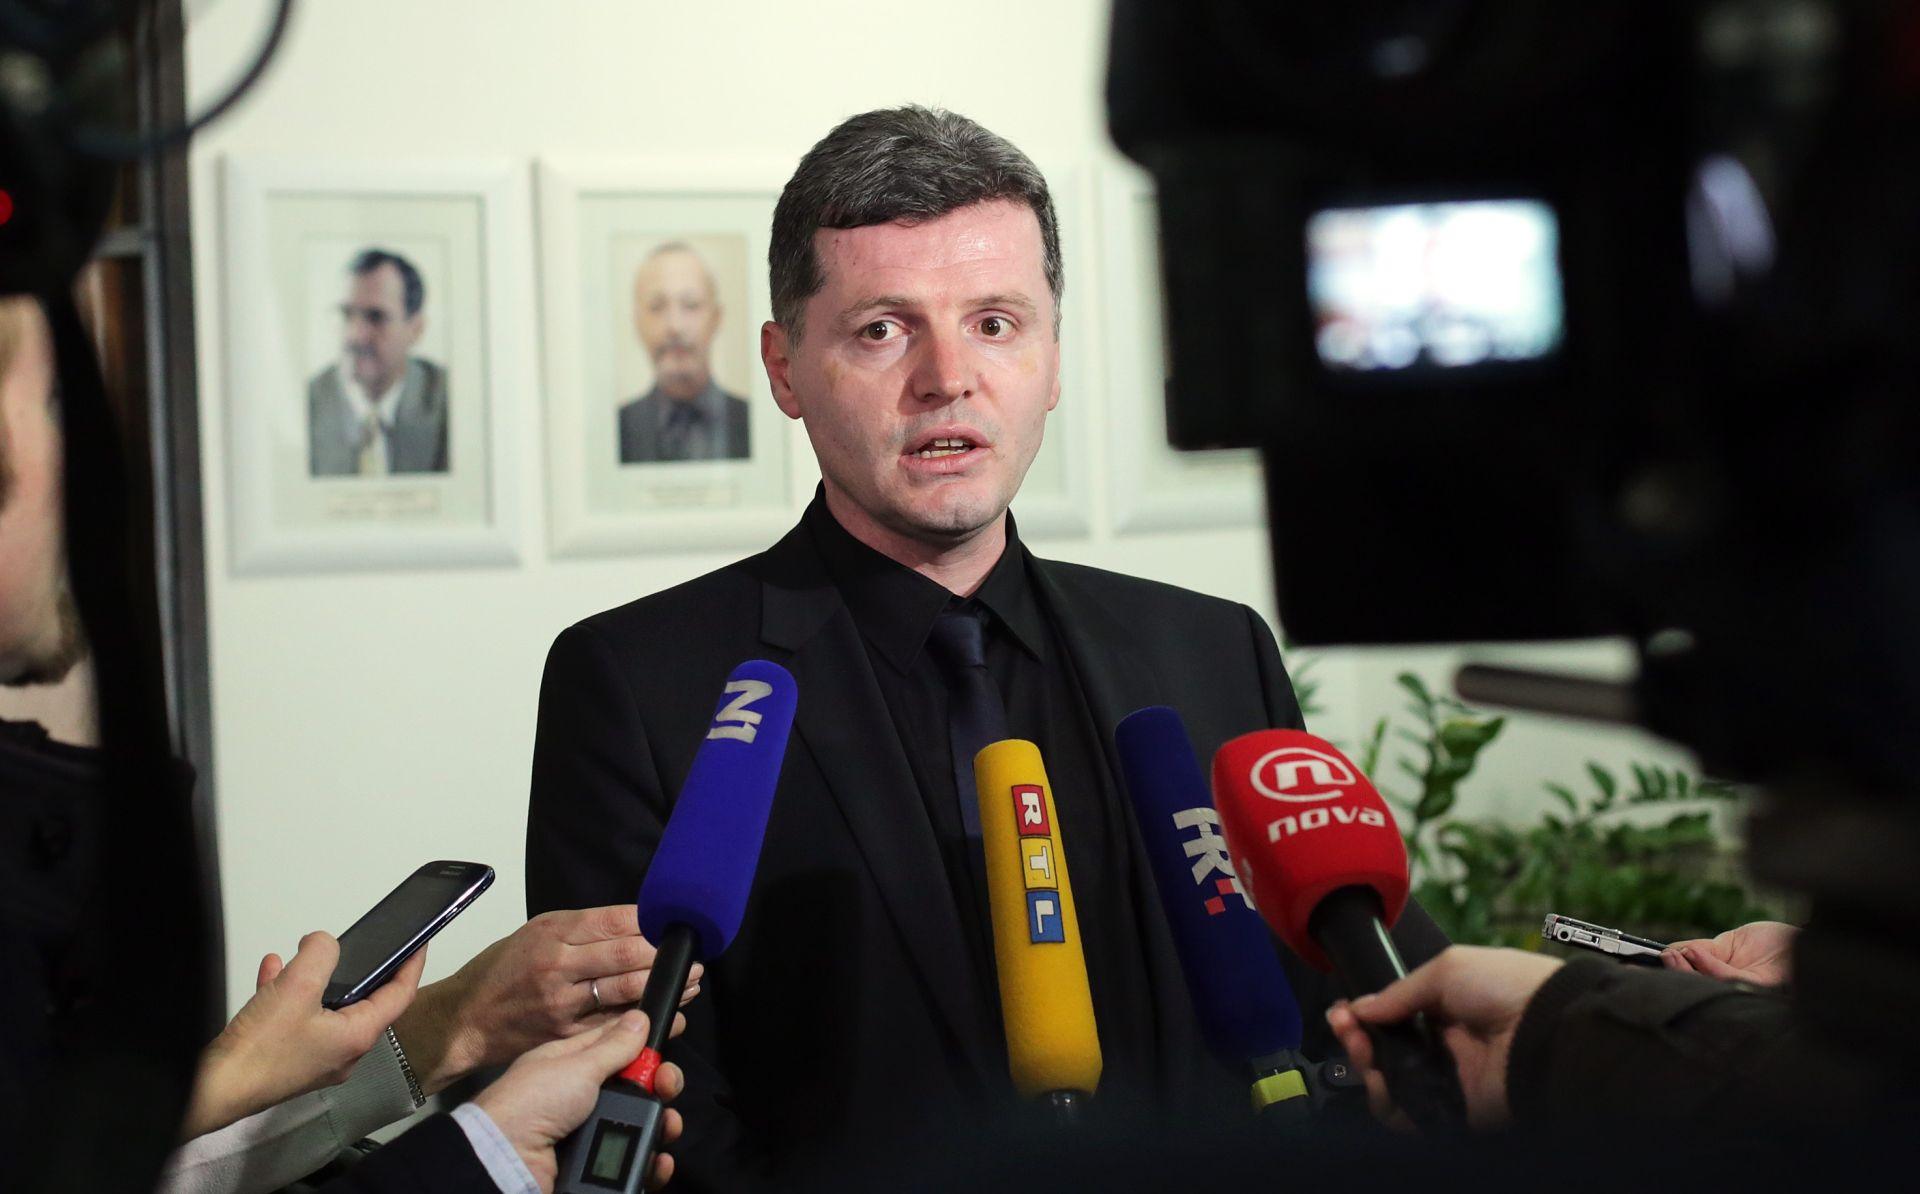 POTVRĐENE IZMJENE: Ministarstvo zdravlja o ogranjičavanju C1 uputnica